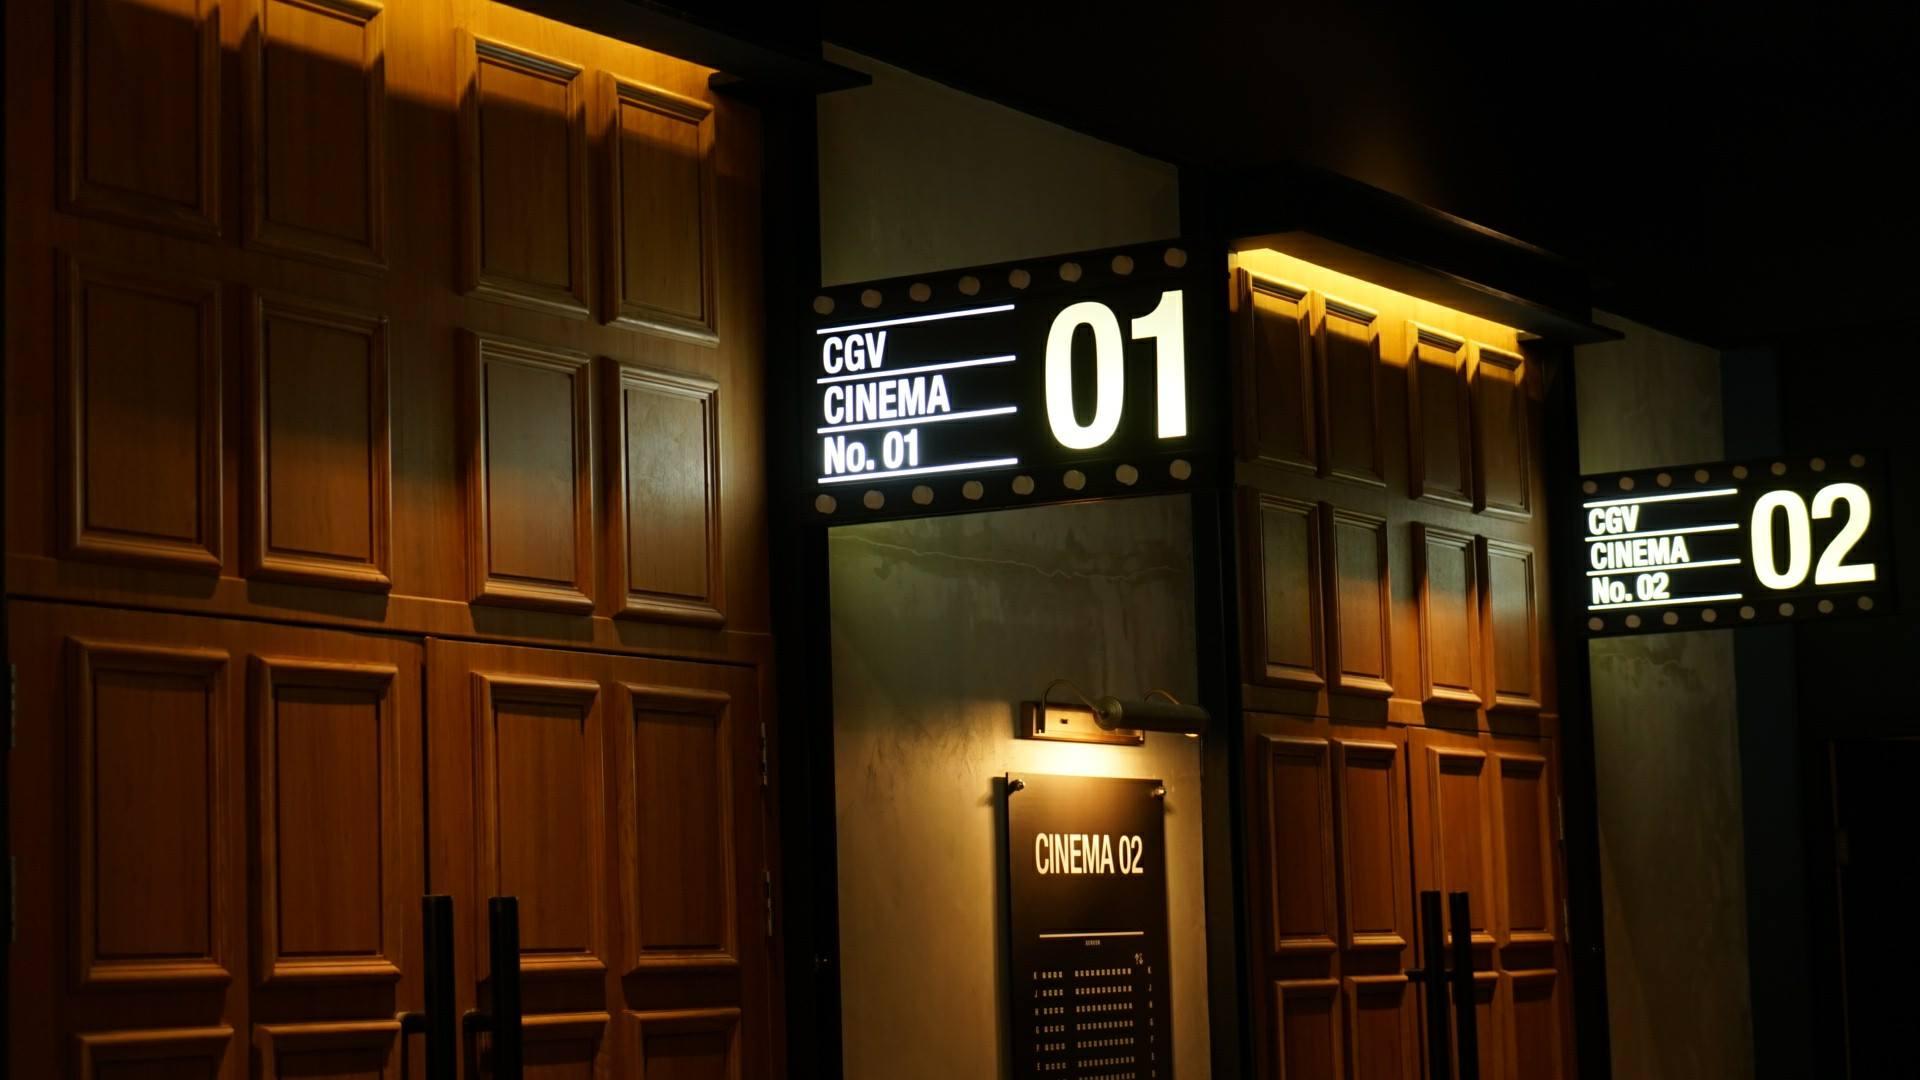 Telah hadir CGV Transmart Cempaka Putih! – Design Ace